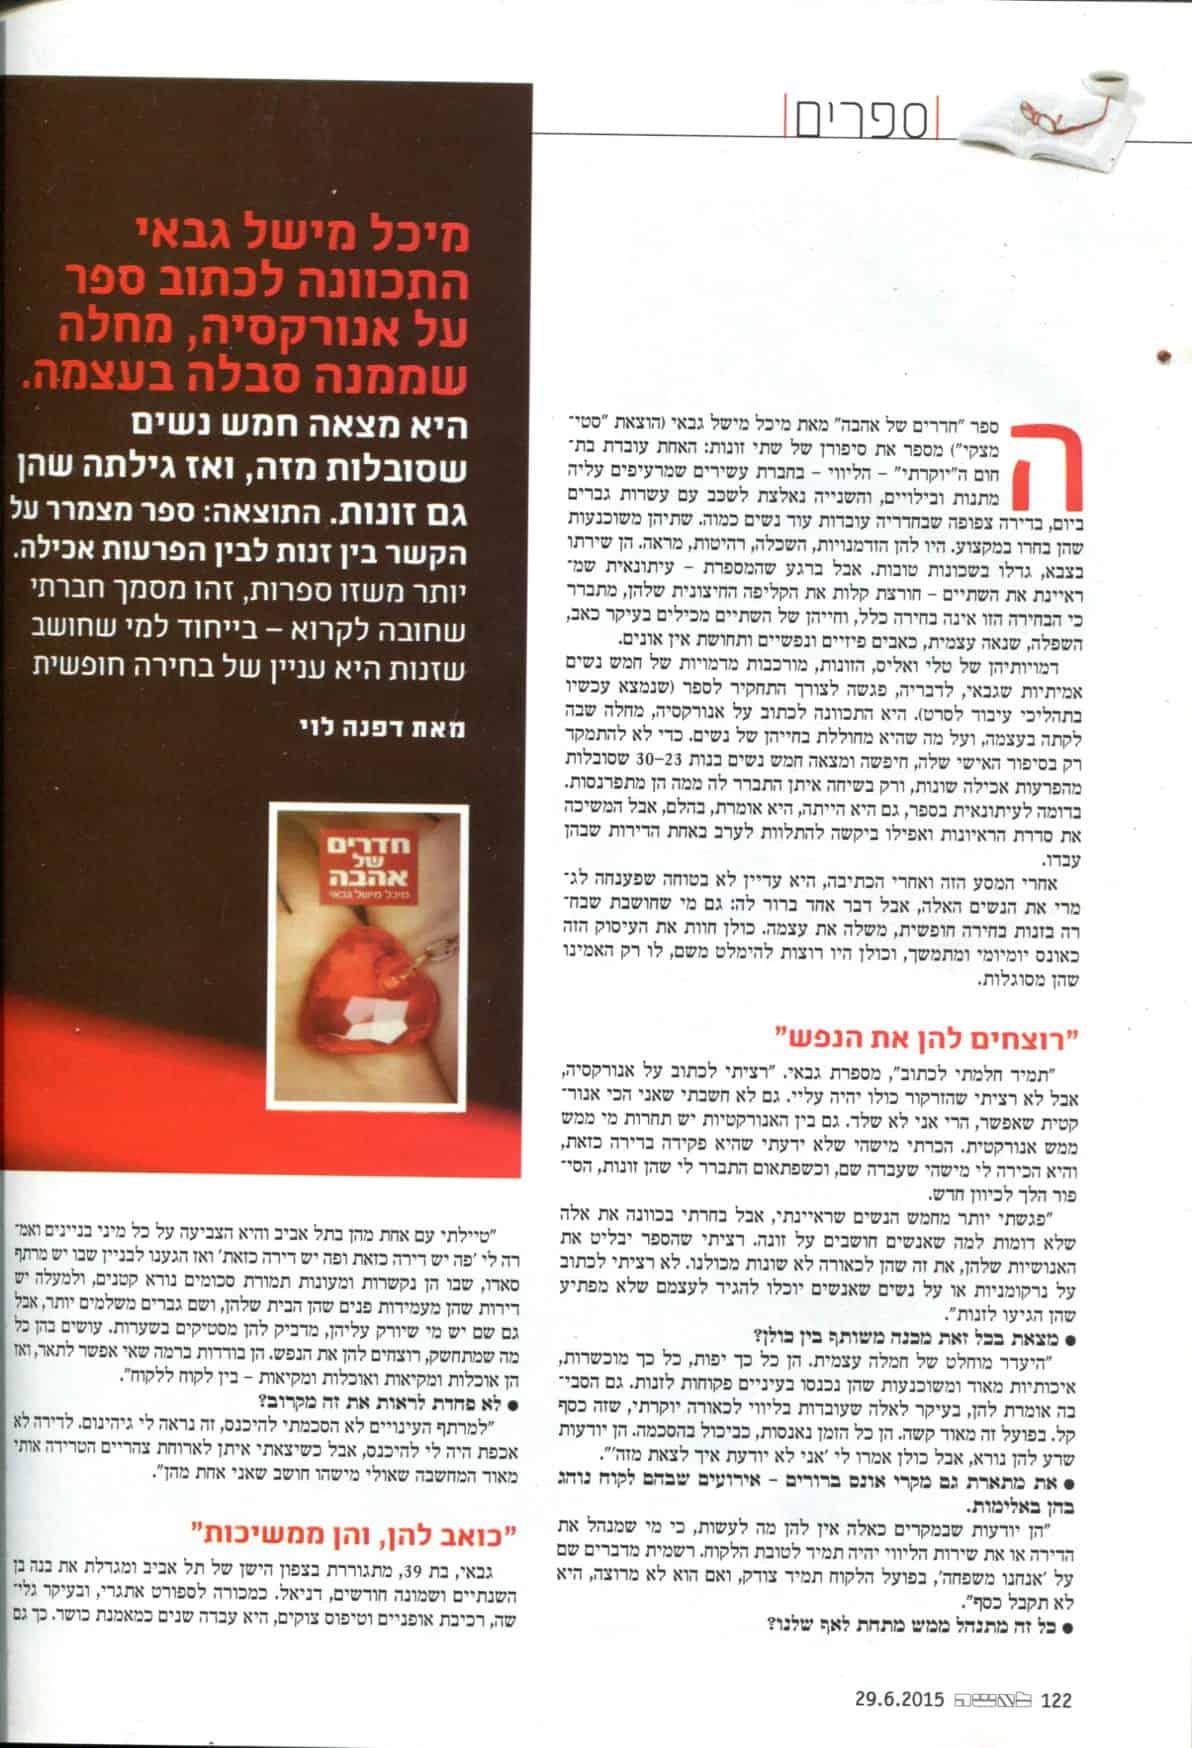 צילום של כתבה בעיתון לאישה Xnet - עמוד 1